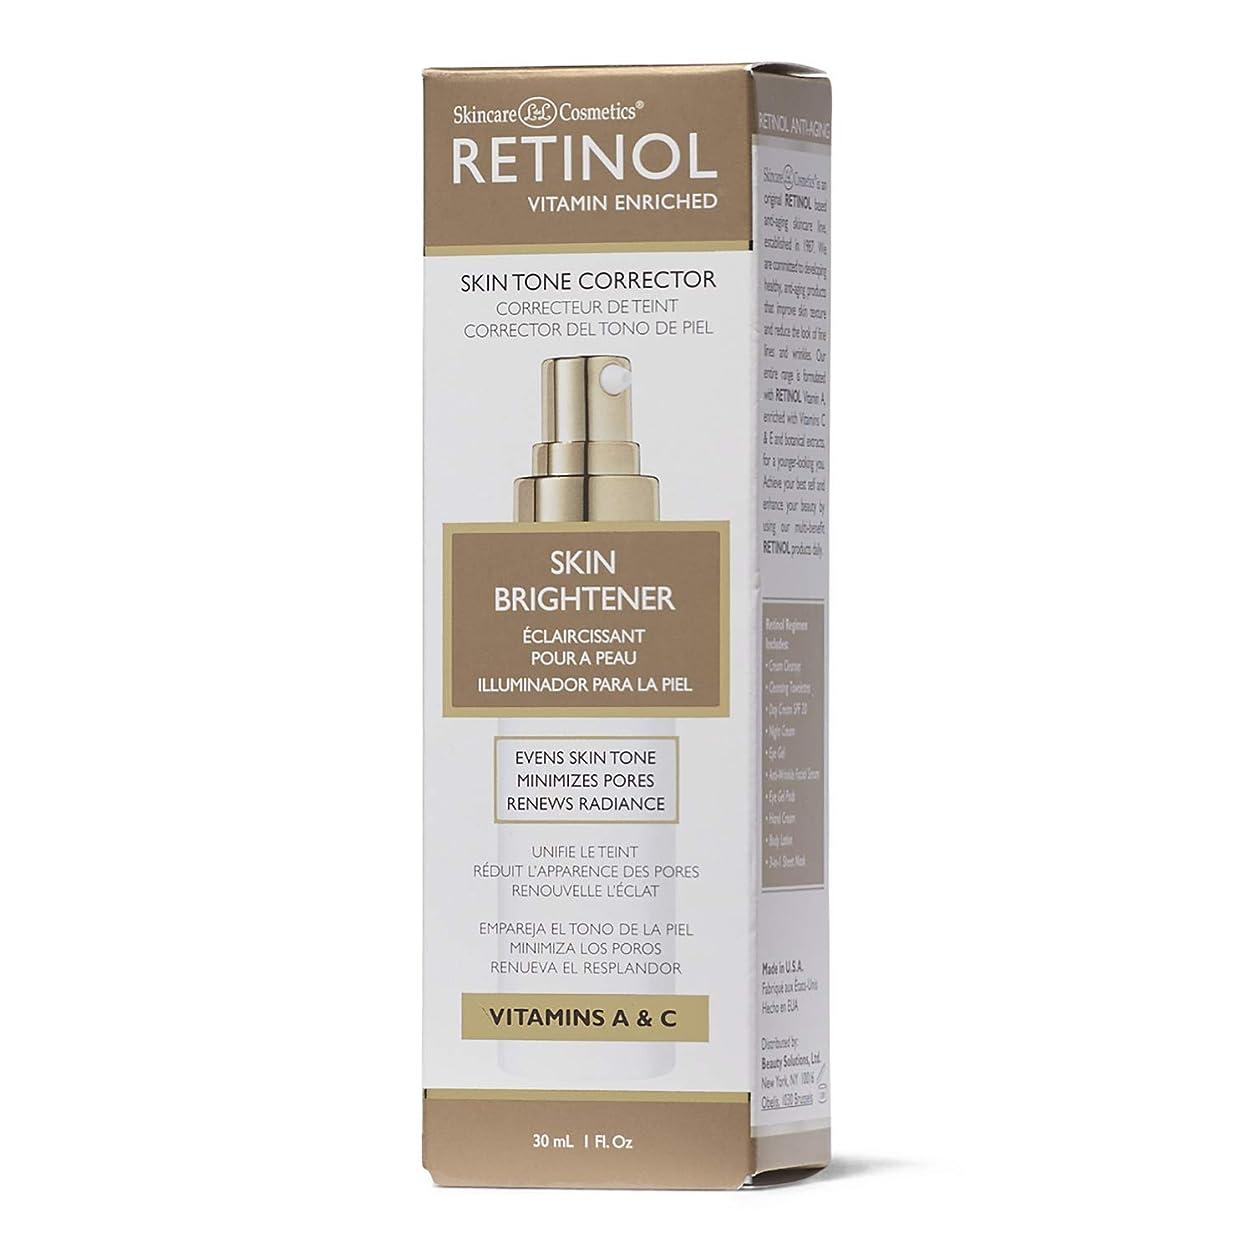 簡単な課税大声でSkincare LdeL Cosmetics Retinol Skin Brightener, 30 ml Bottle (並行輸入品)